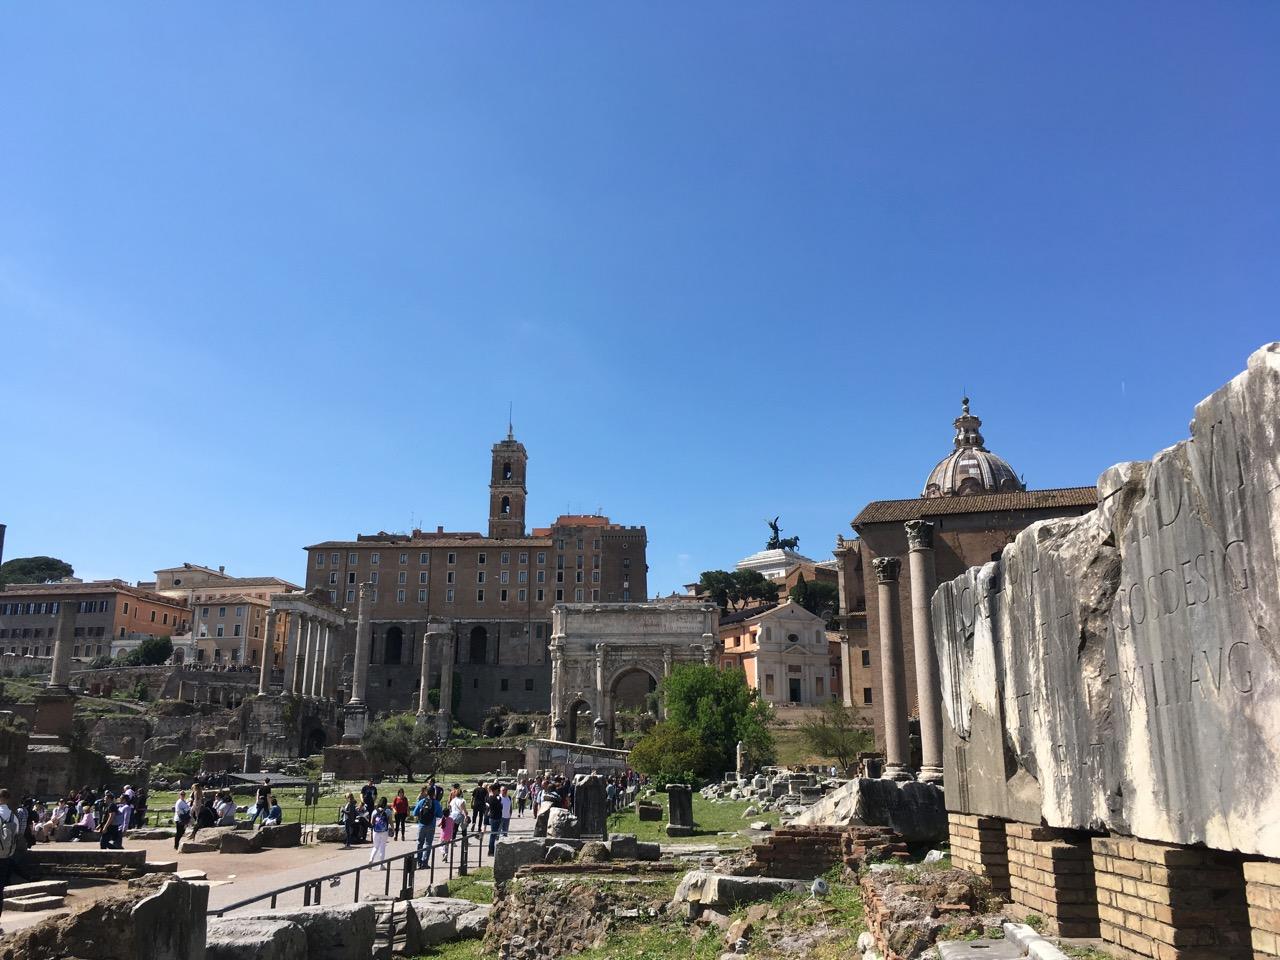 太多古迹了,只能看个大概,不了解历史的话,就是一堆乱石头和破柱子